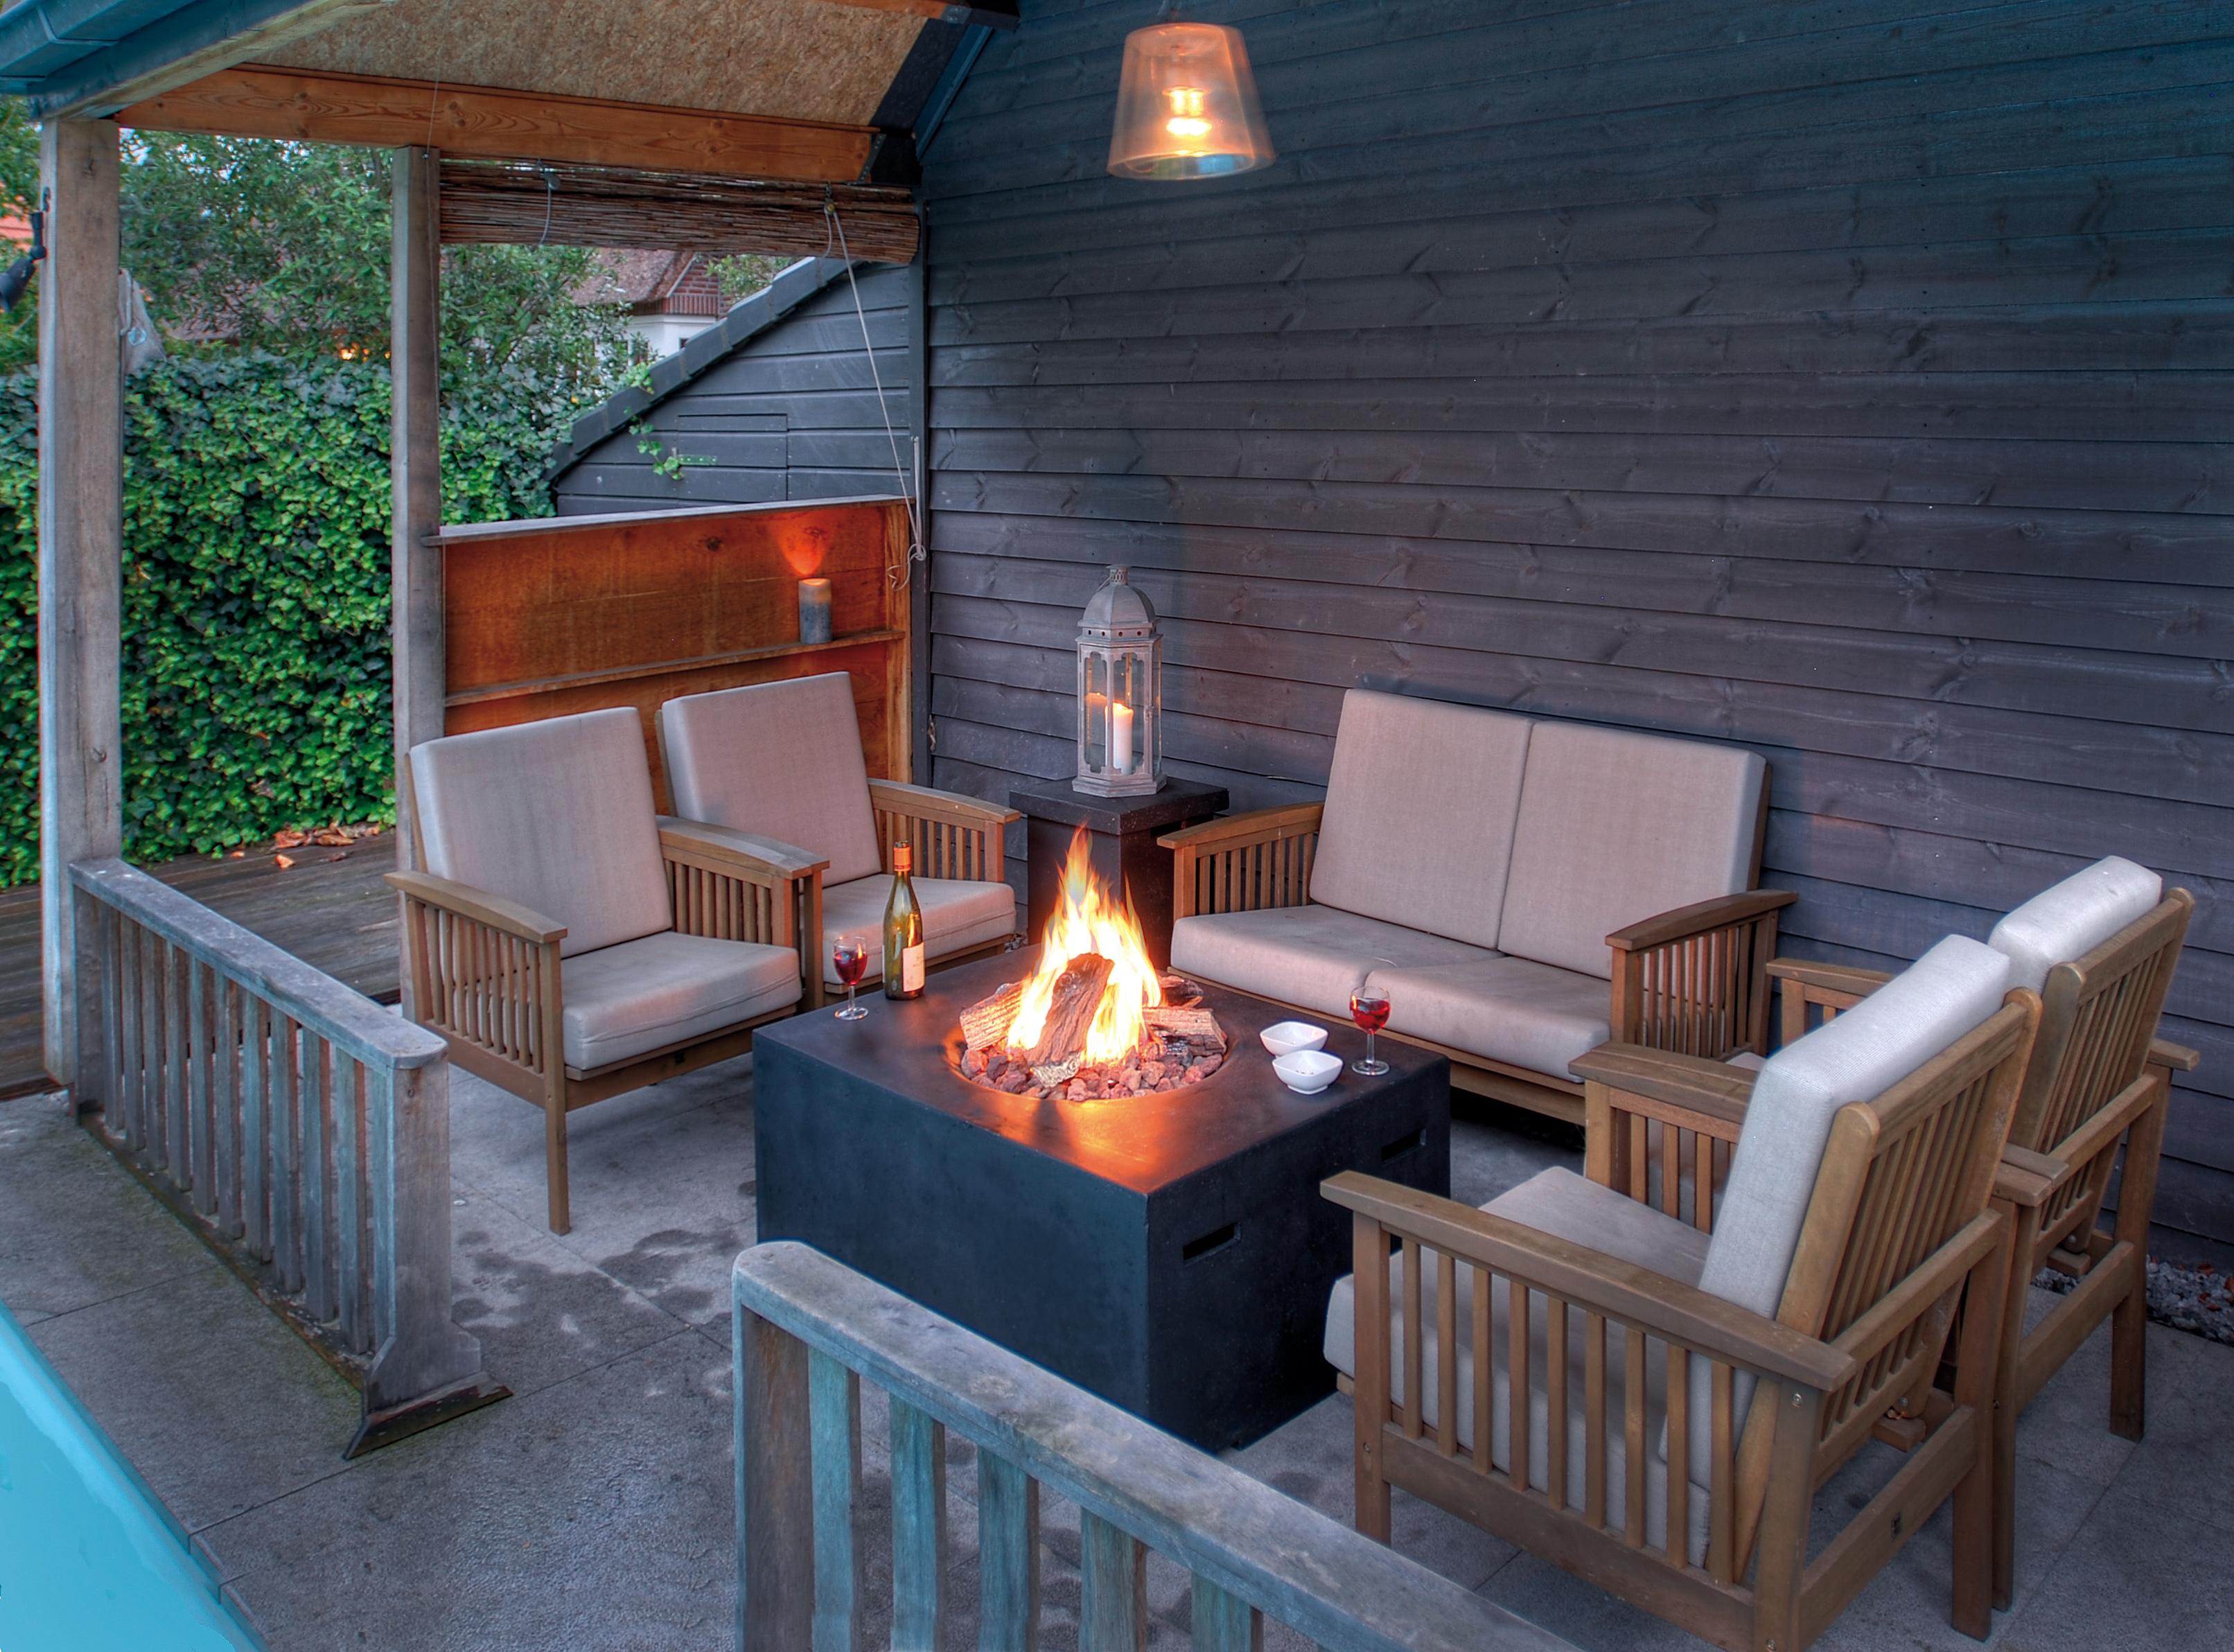 presse | garten und terrassen-feuerstellen - gemütlichkeit und wärme